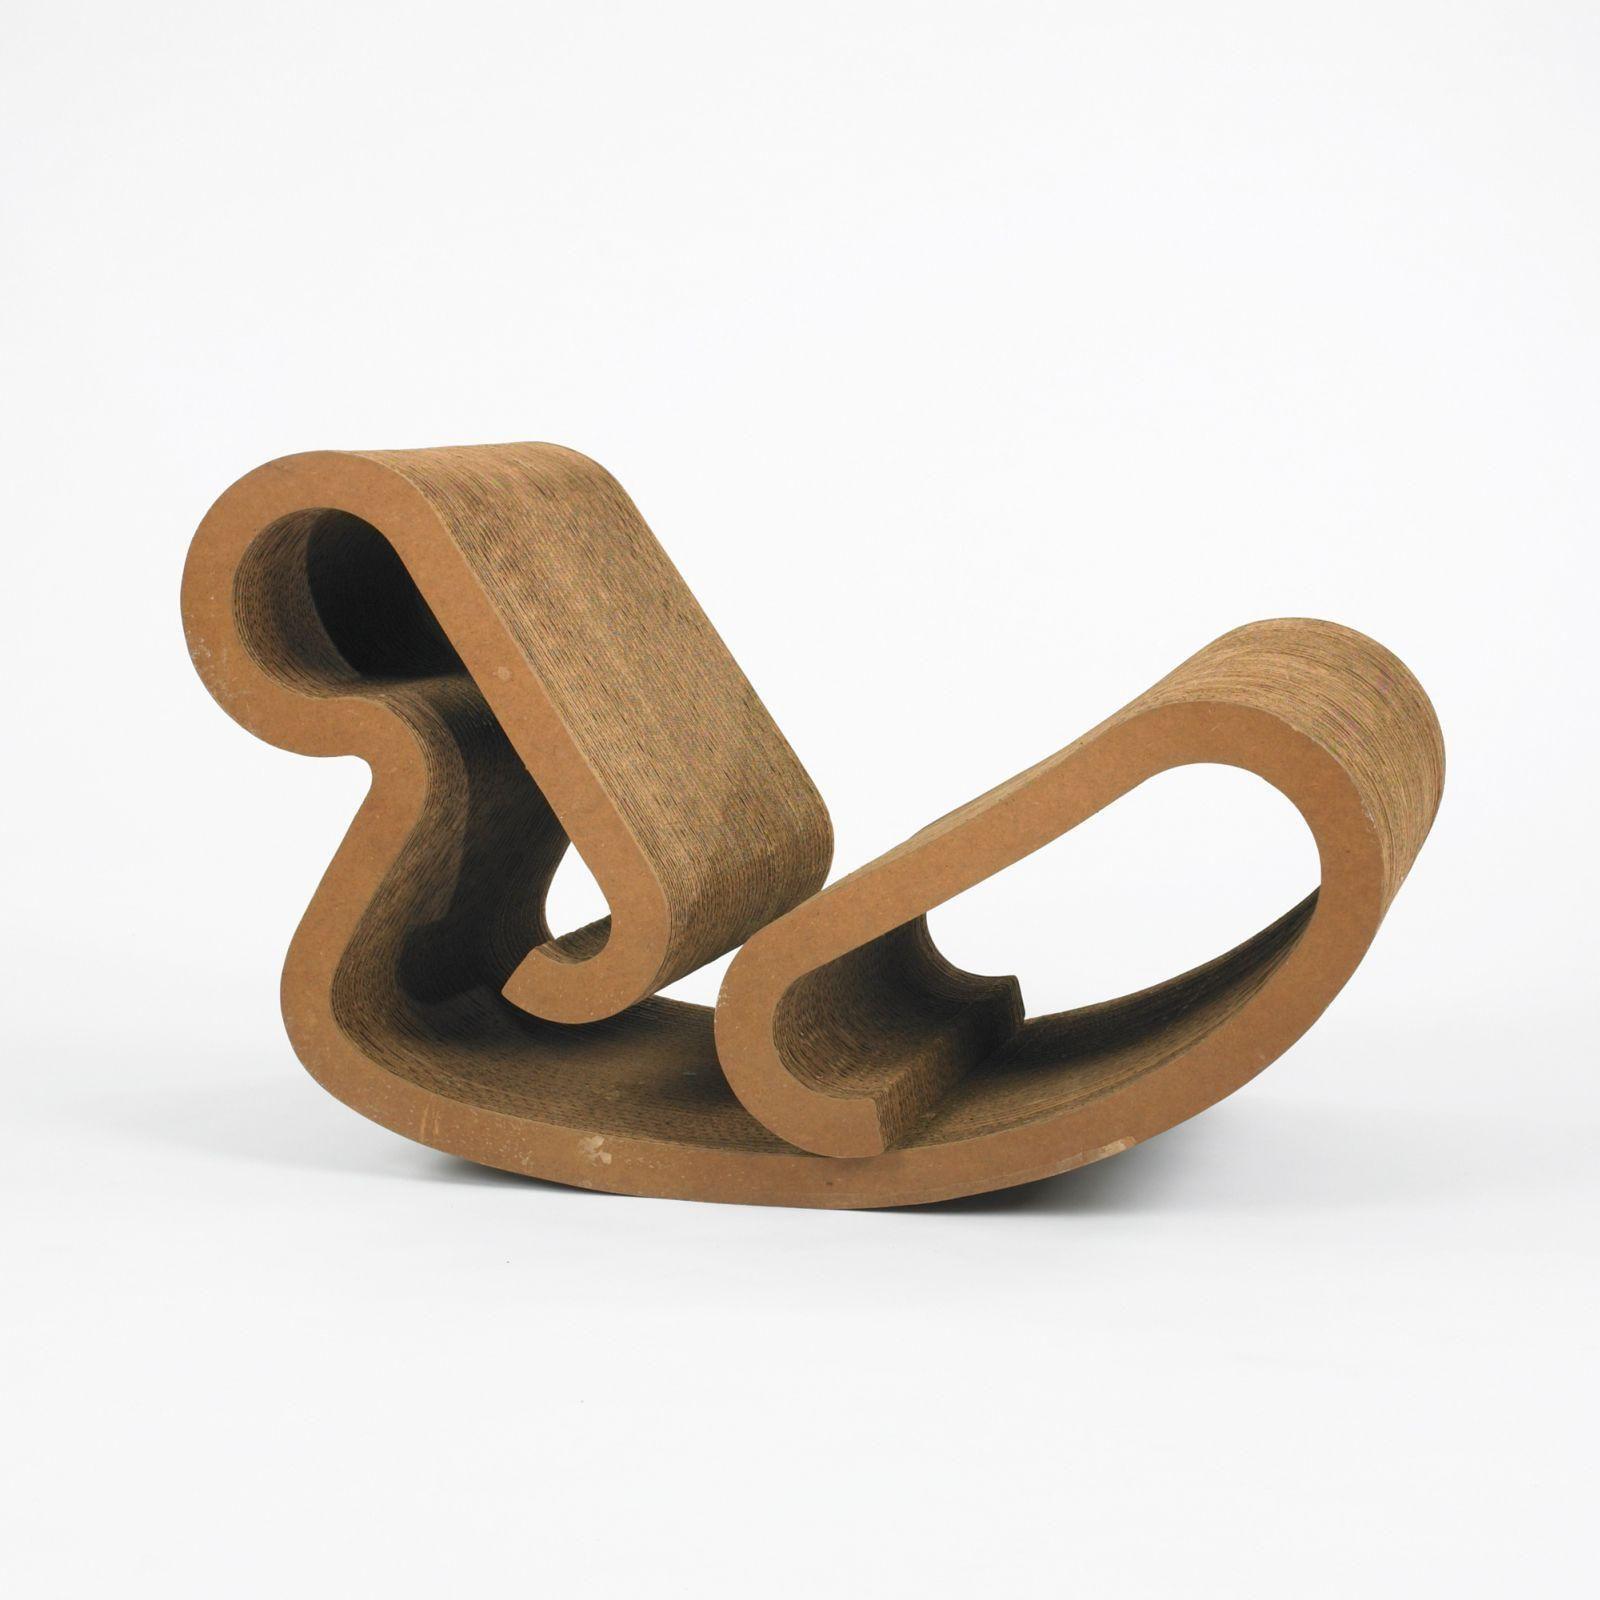 Post # 2: Los origenes del cartón y su aplicación al diseño de mobiliario. http://www.cardboard.es/es/module/csblog/post/8-6-como-surgio-el-uso-del-carton-en-diseno-de-mobiliario.html